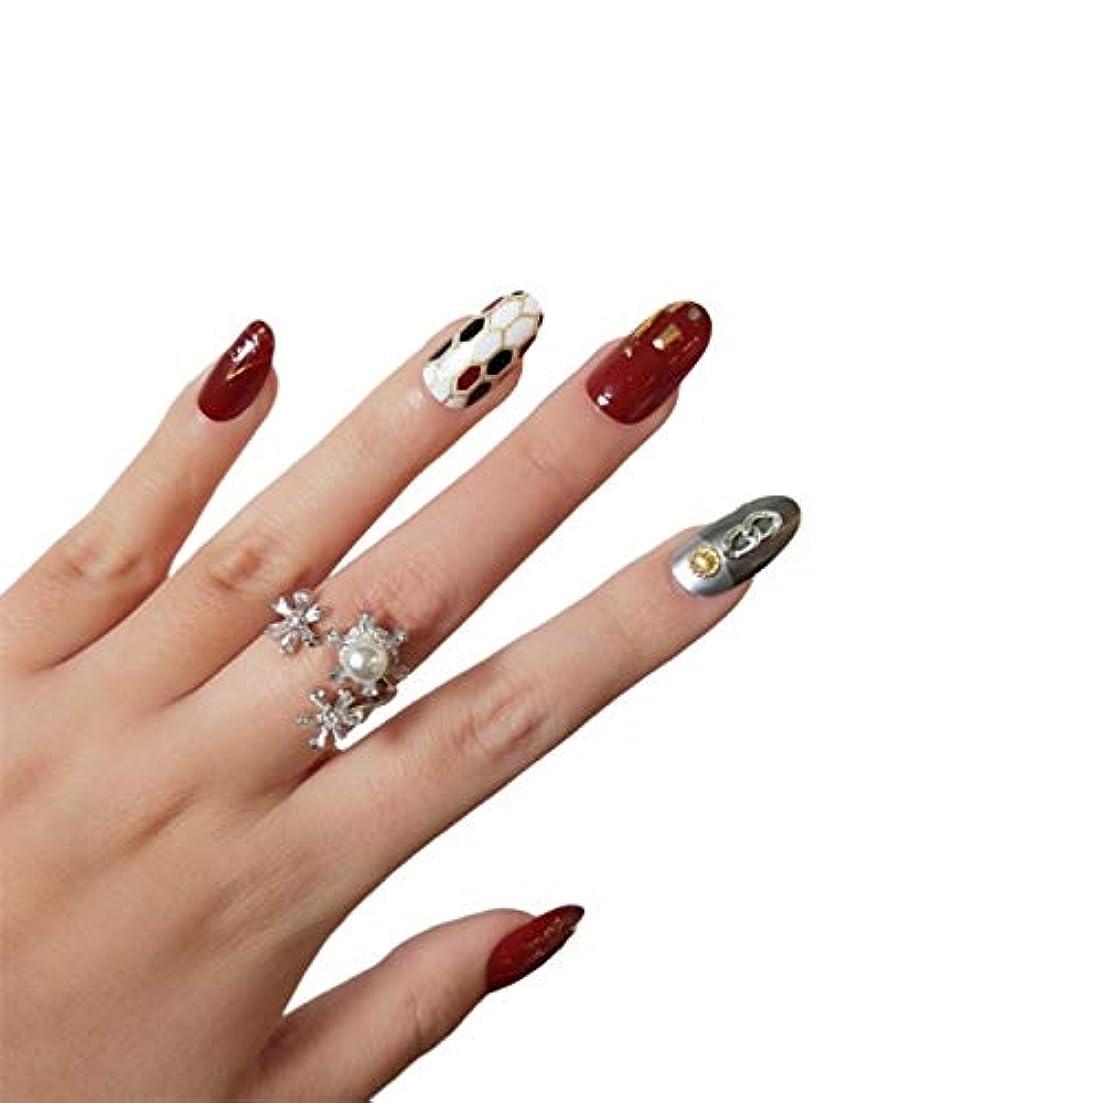 天のぼかし略すNANNAN ネイルチップ ネイルチップ つけ爪 付け爪 つけ方簡単 ネイル デコネイルコレクション シール ハロウィン 母の日 パーティ 人気 毎日変身 24枚セット